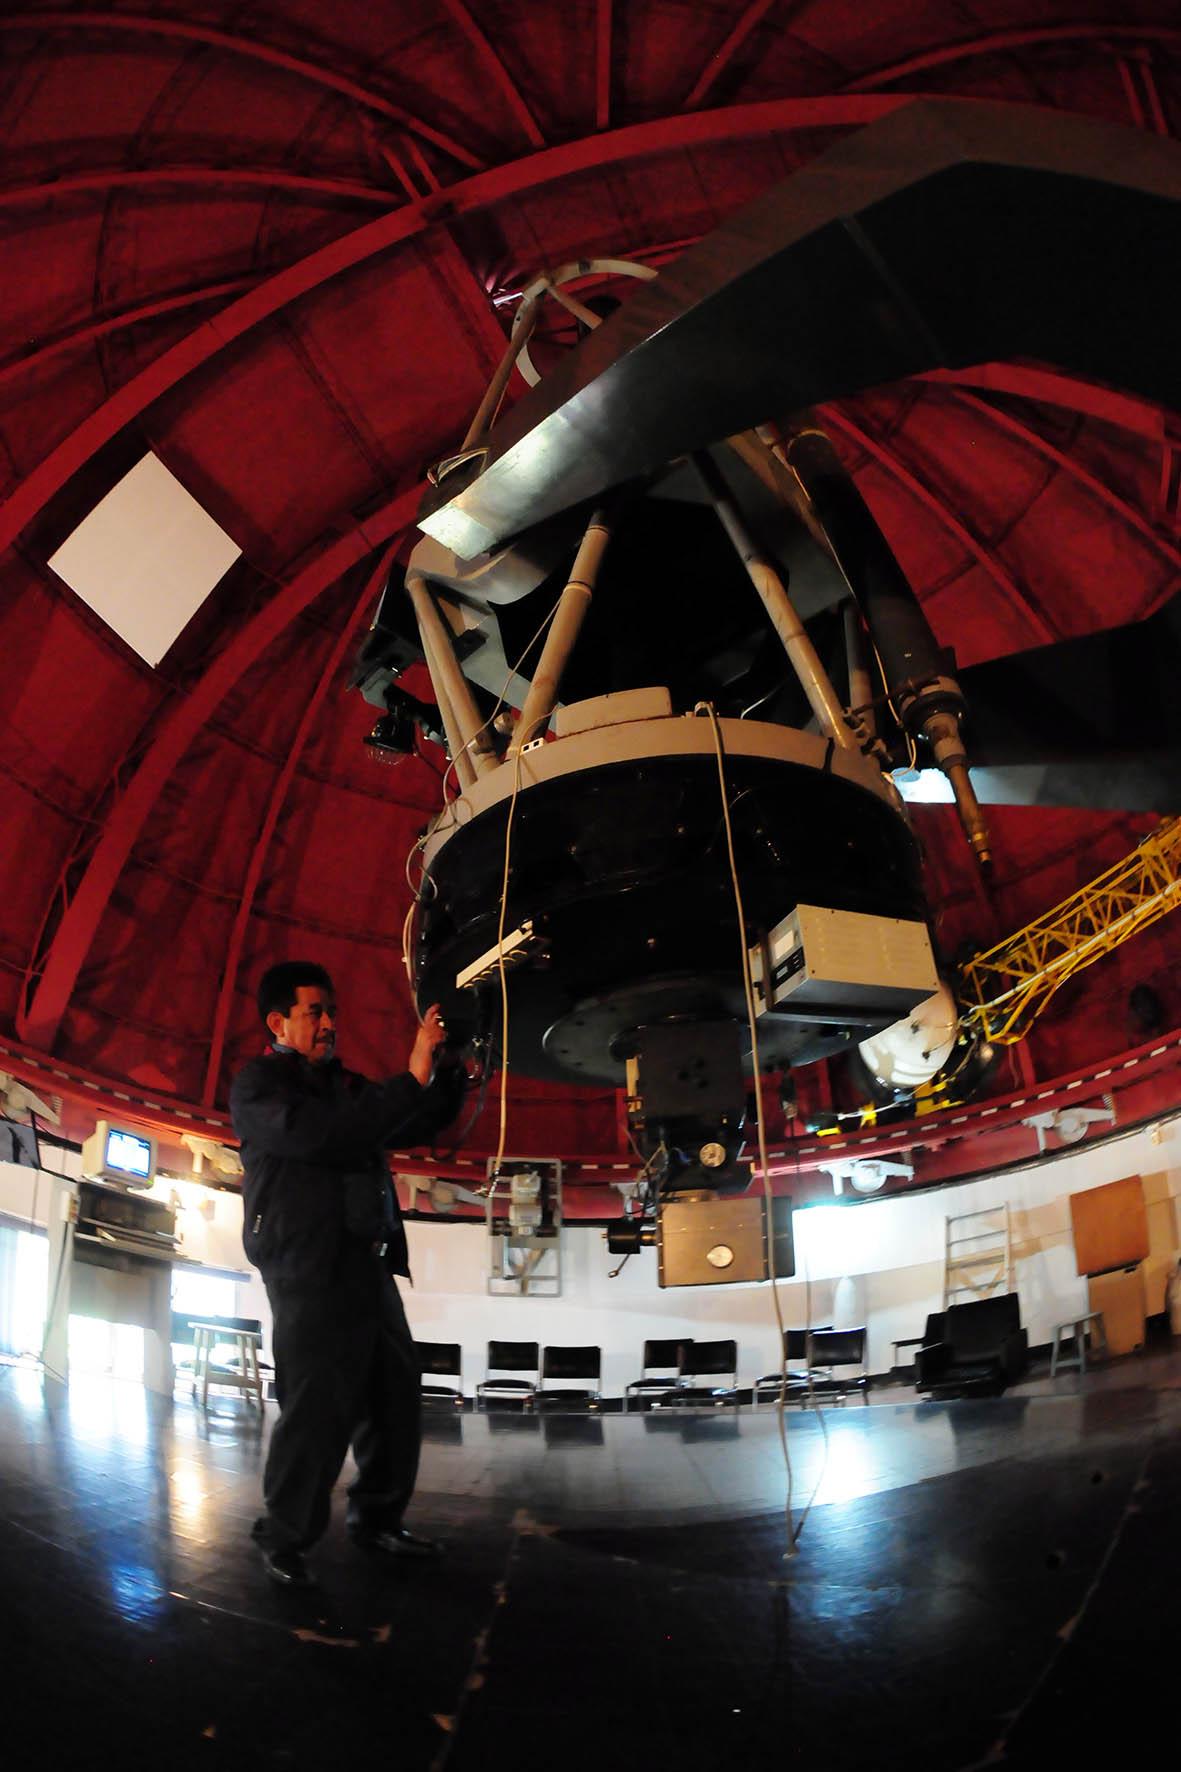 La UNAM en colaboración Internacional para desarrollar Observatorio de Rayos Gamma